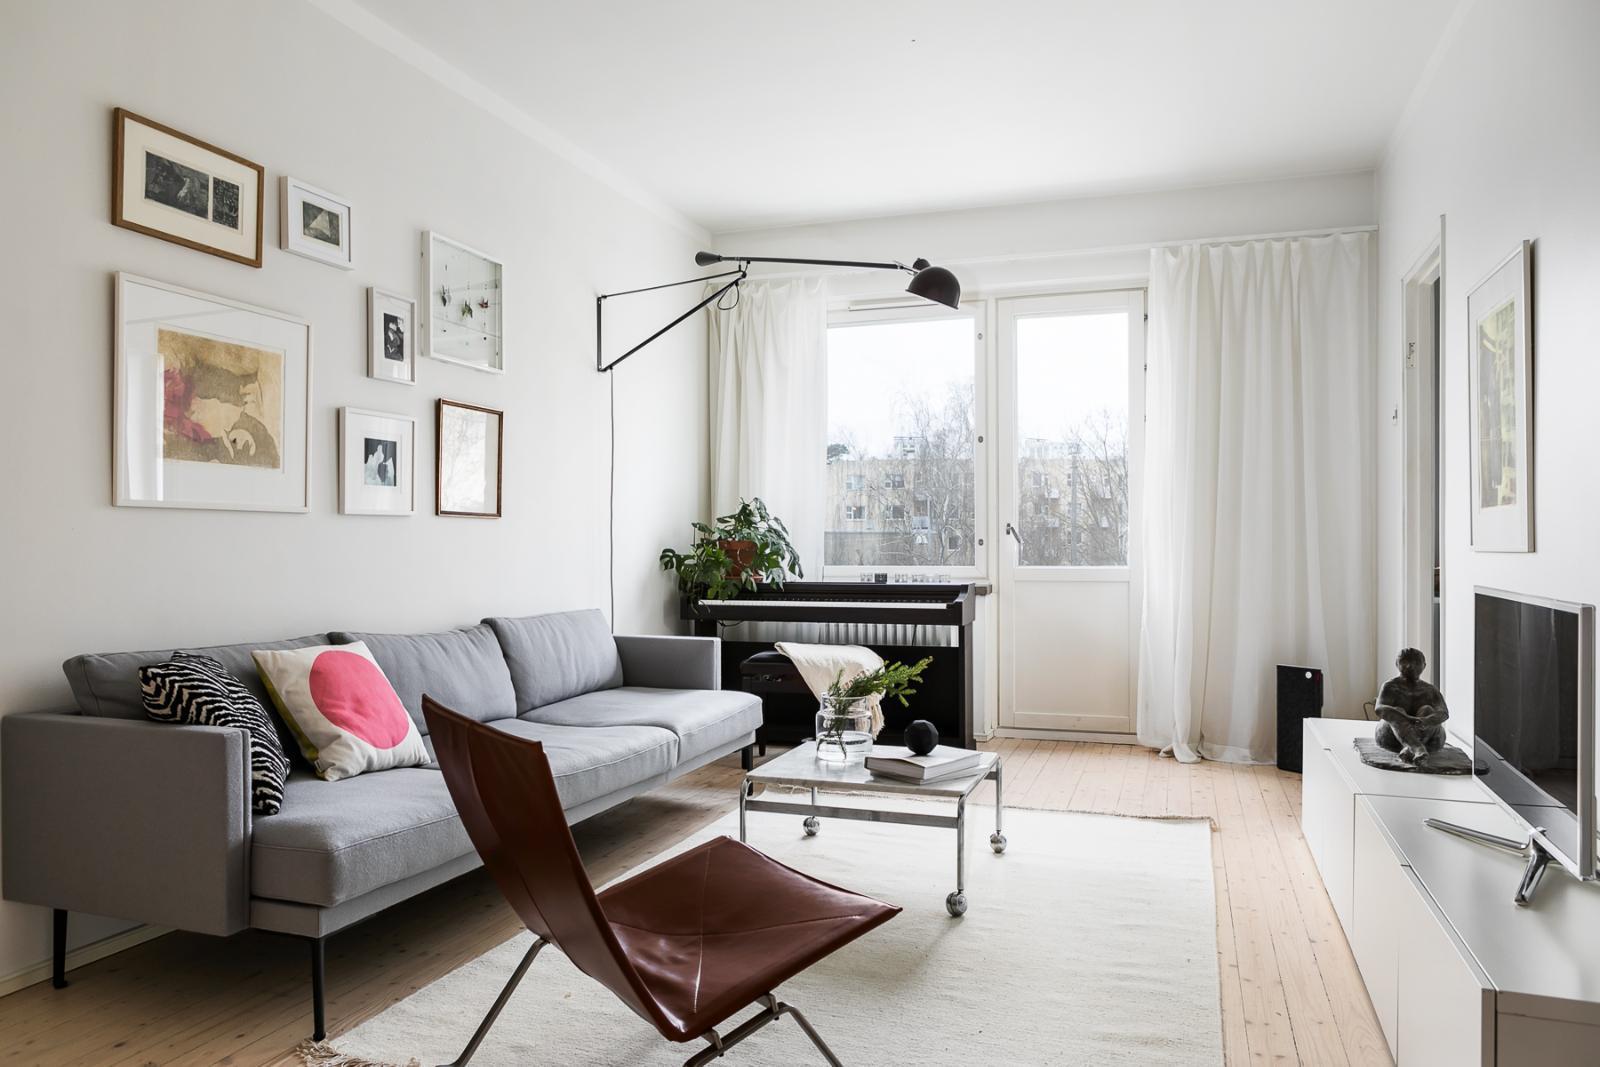 Skandinaavista selkeyttä olohuoneessa  Etuovi com Ideat & vinkit